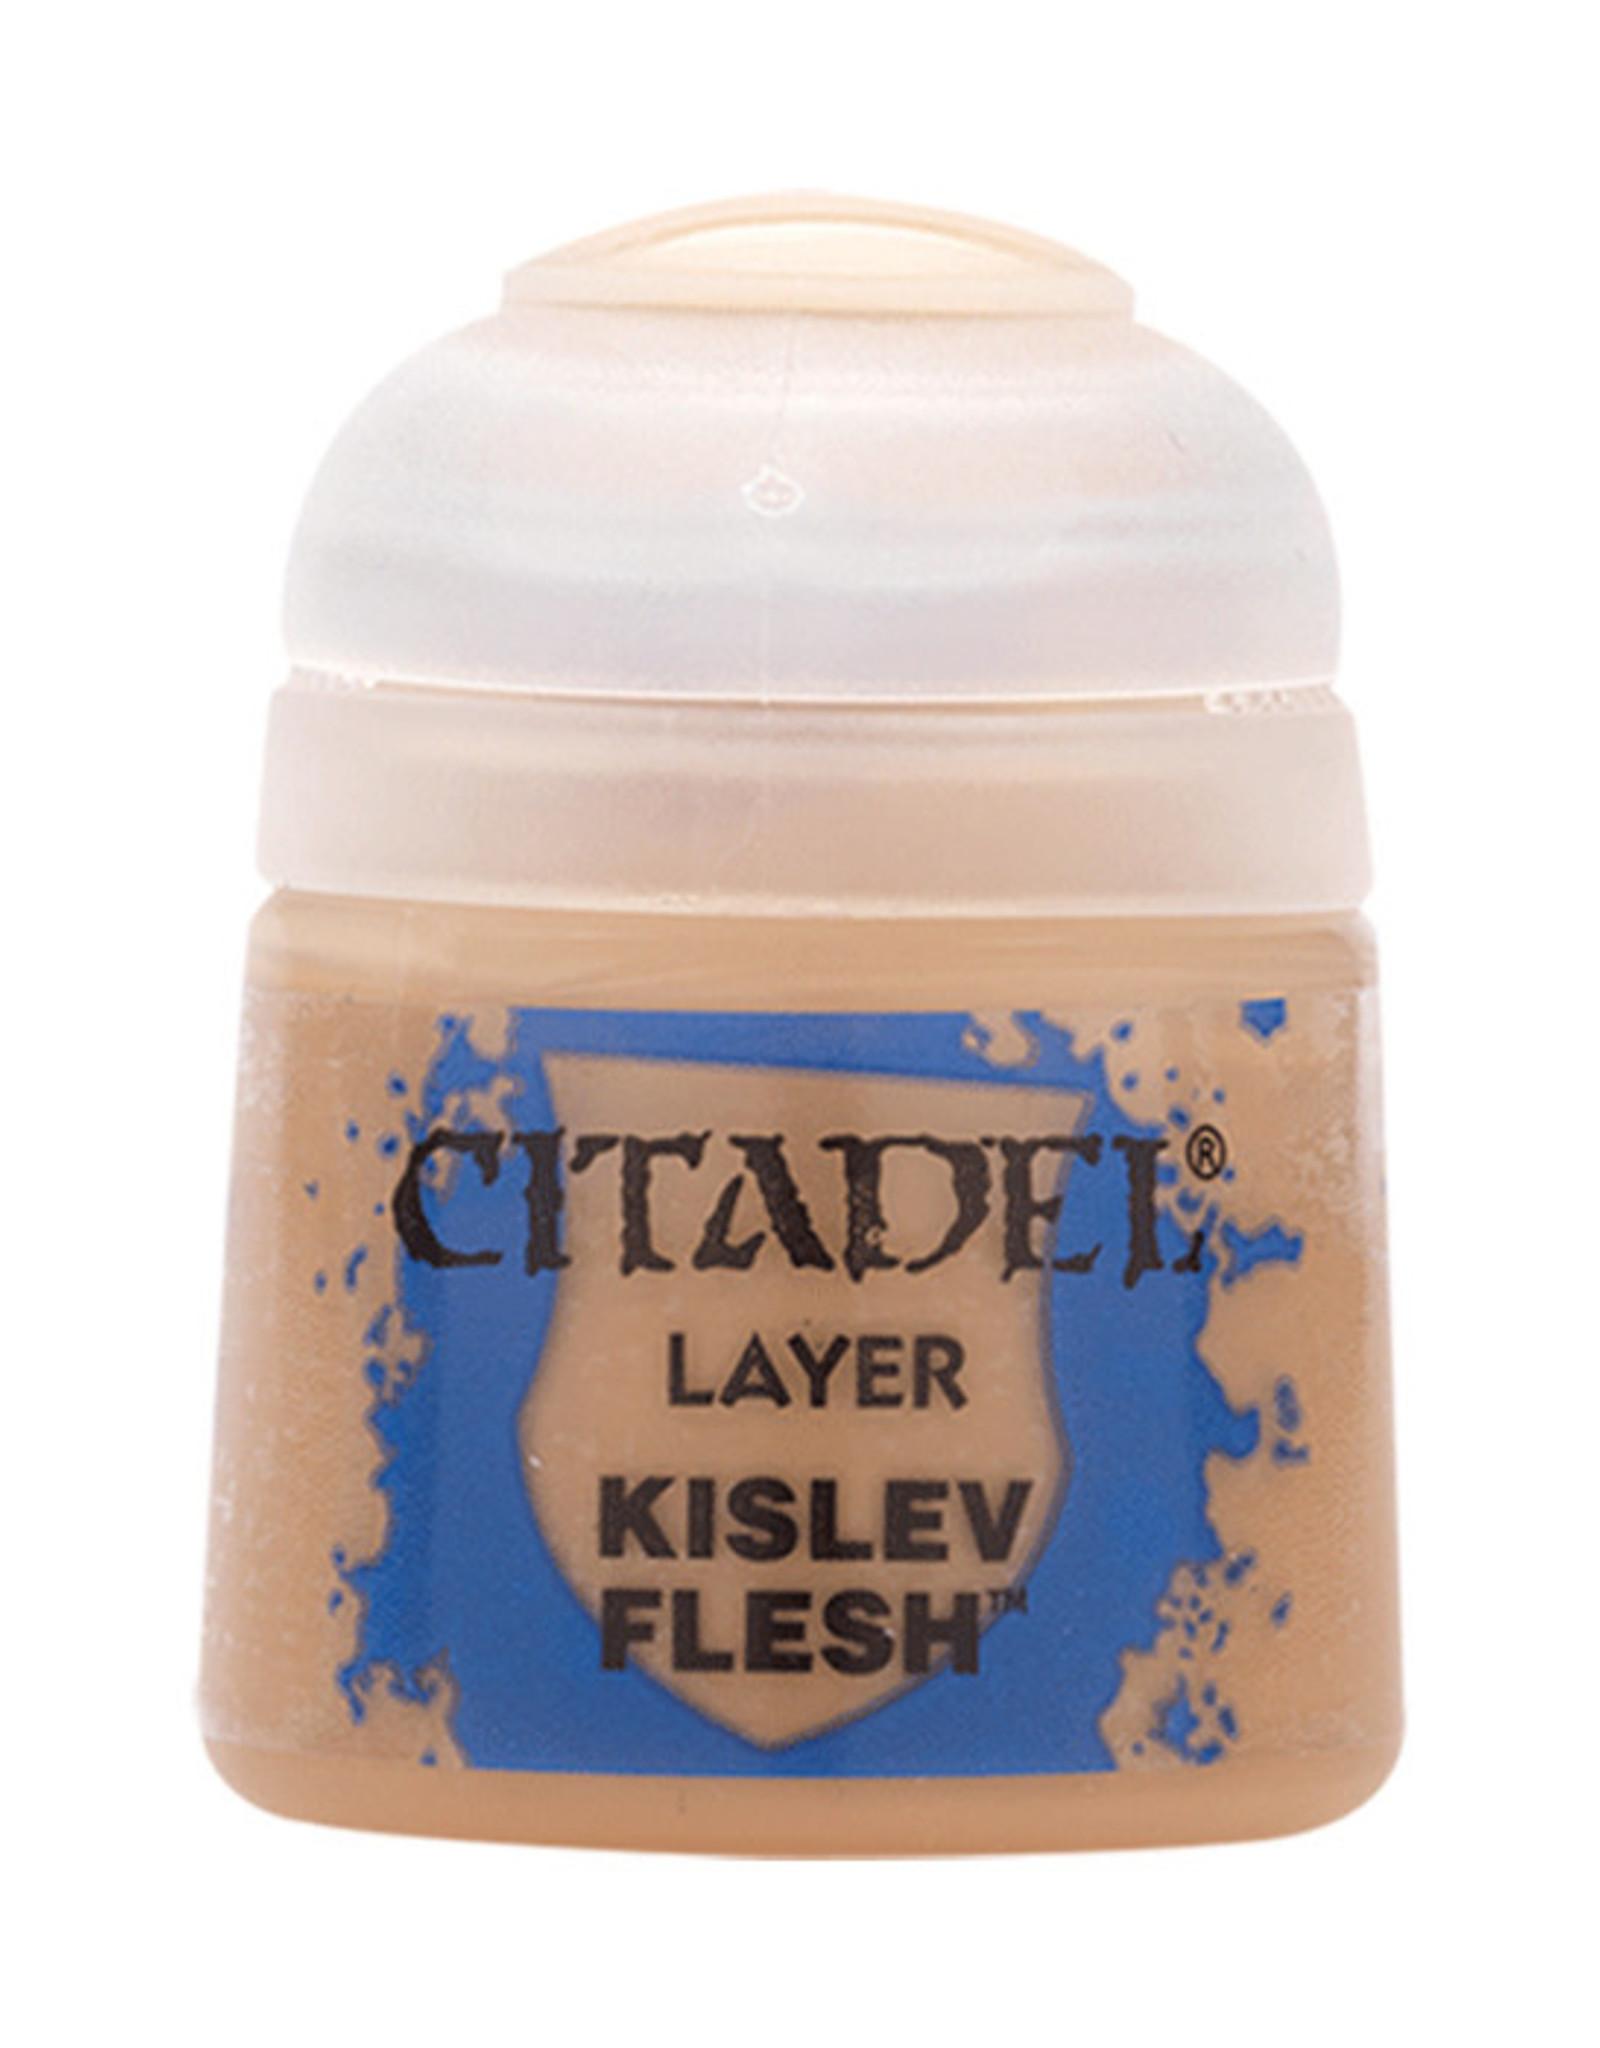 Citadel Citadel Colour: Layer - Kislev Flesh